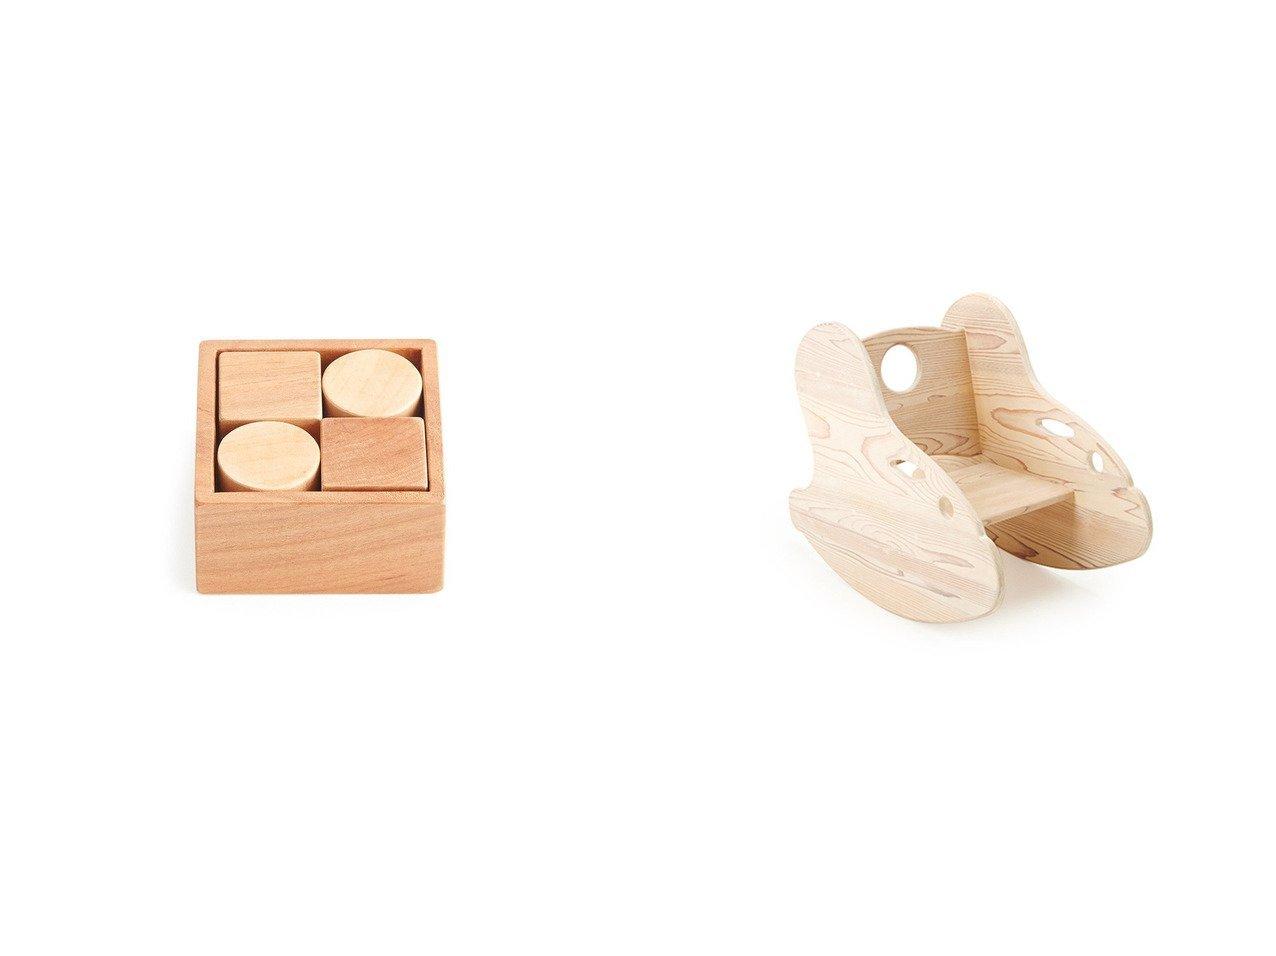 【Kimura Woodcraft Factory/木村木品製作所】のわらはんど きづき「しまう」 わらはんど きづき「しまう」&わらはんど マンボウチェア わらはんど マンボウチェア 【日本製 キッズ FURNITURE】おすすめ!人気、インテリア雑貨・家具の通販 おすすめで人気の流行・トレンド、ファッションの通販商品 インテリア・家具・メンズファッション・キッズファッション・レディースファッション・服の通販 founy(ファニー) https://founy.com/ 送料無料 Free Shipping ホーム・キャンプ・アウトドア Home,Garden,Outdoor,Camping Gear 家具・インテリア Furniture キッズ家具 Kids' Furniture ホーム・キャンプ・アウトドア Home,Garden,Outdoor,Camping Gear 家具・インテリア Furniture キッズ家具 Kids' Furniture キッズチェア・ベビーチェア  ID:crp329100000055142